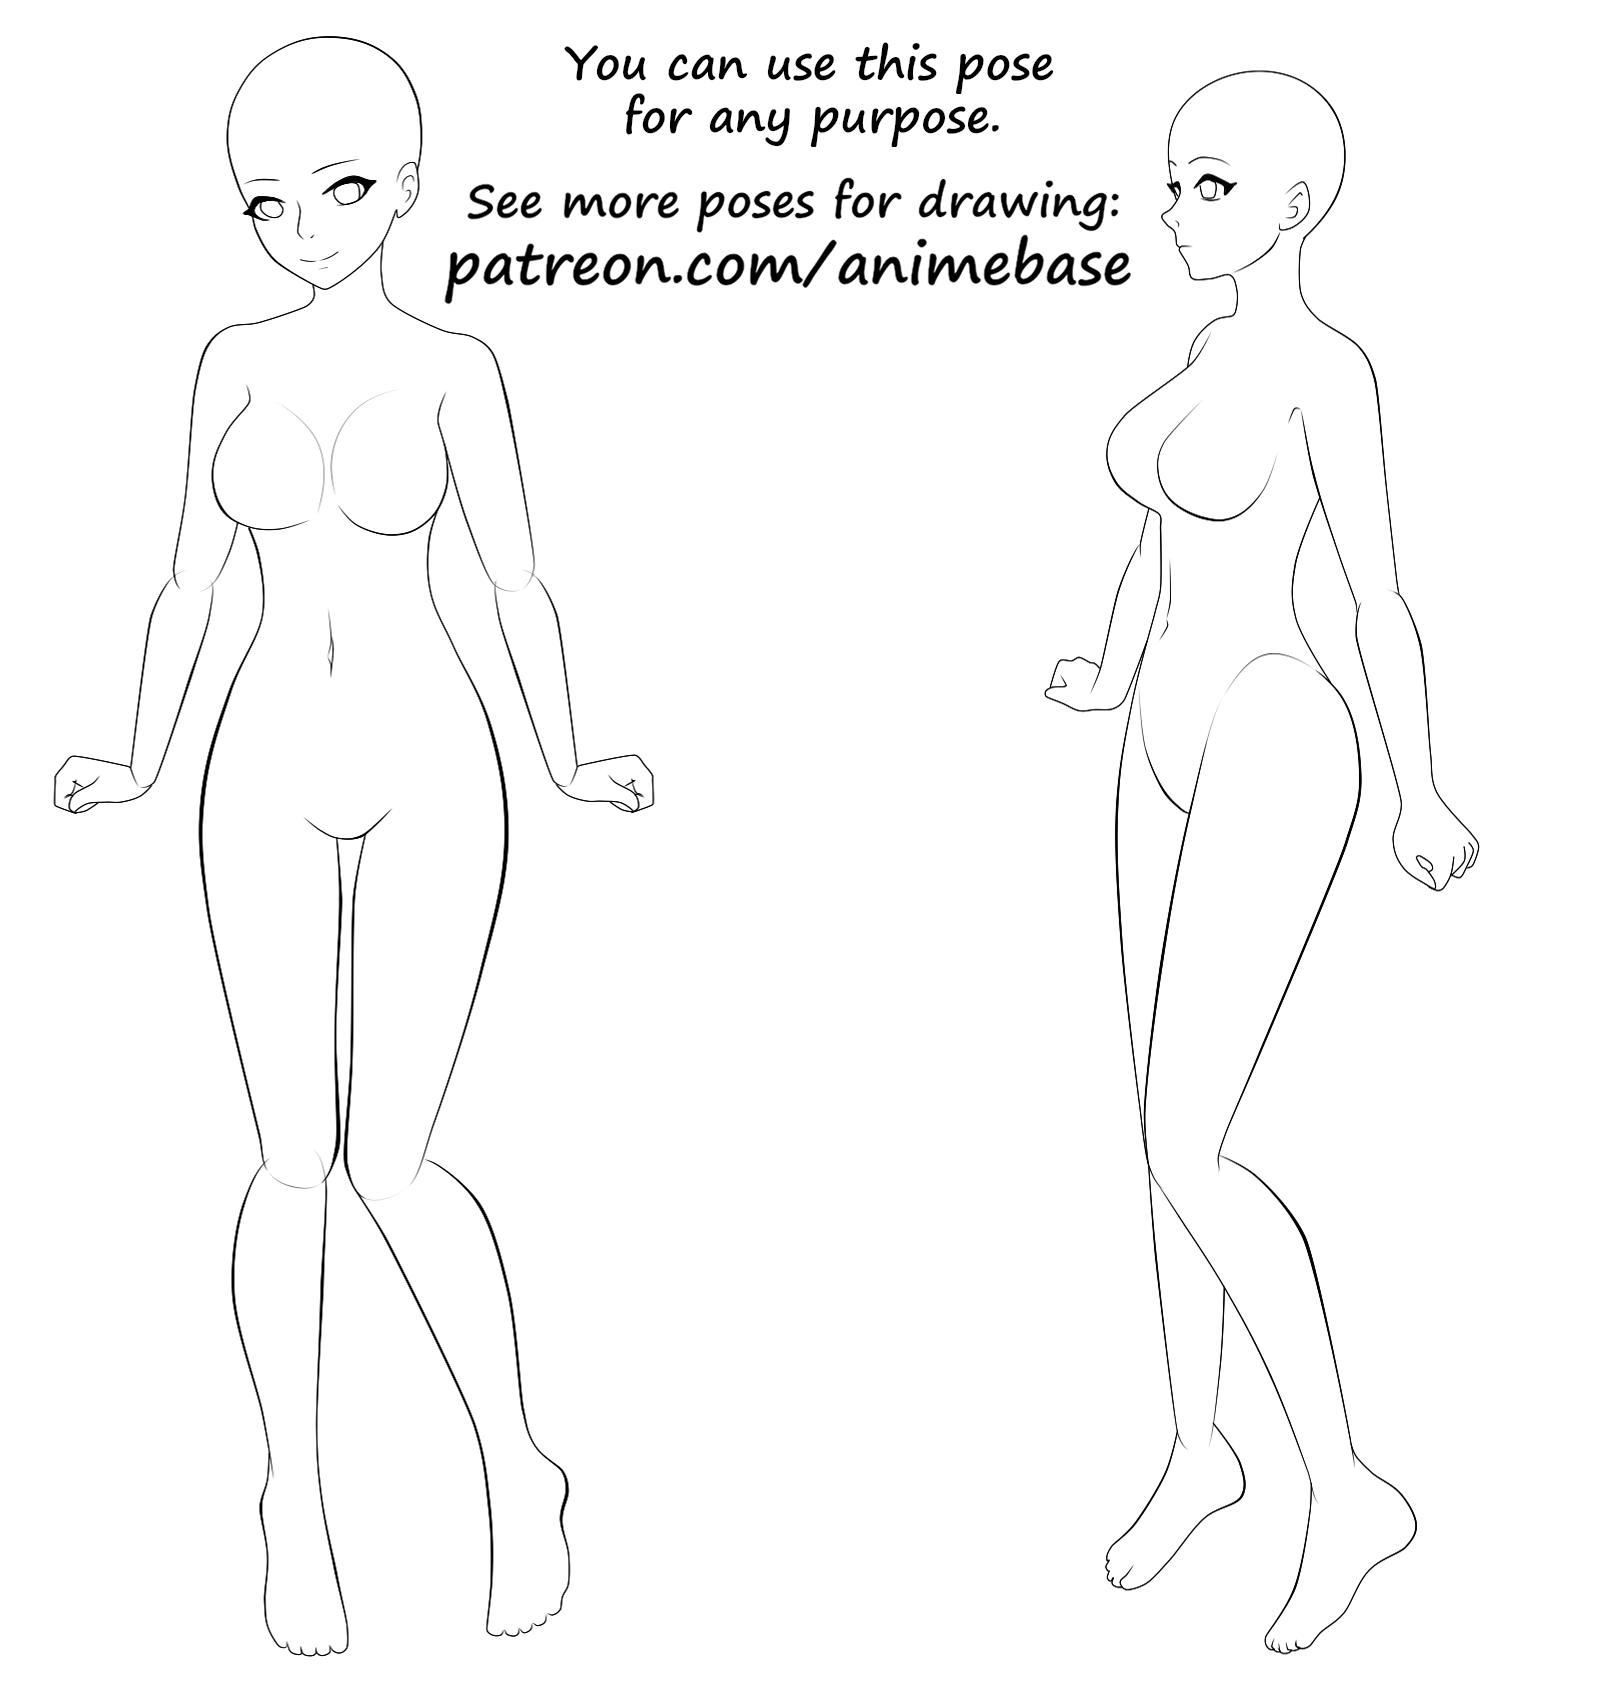 Big Girl Reference Anime Base Poses For Drawing Manga On Patreon Anime Poses Female Anime Poses Reference Anime Base